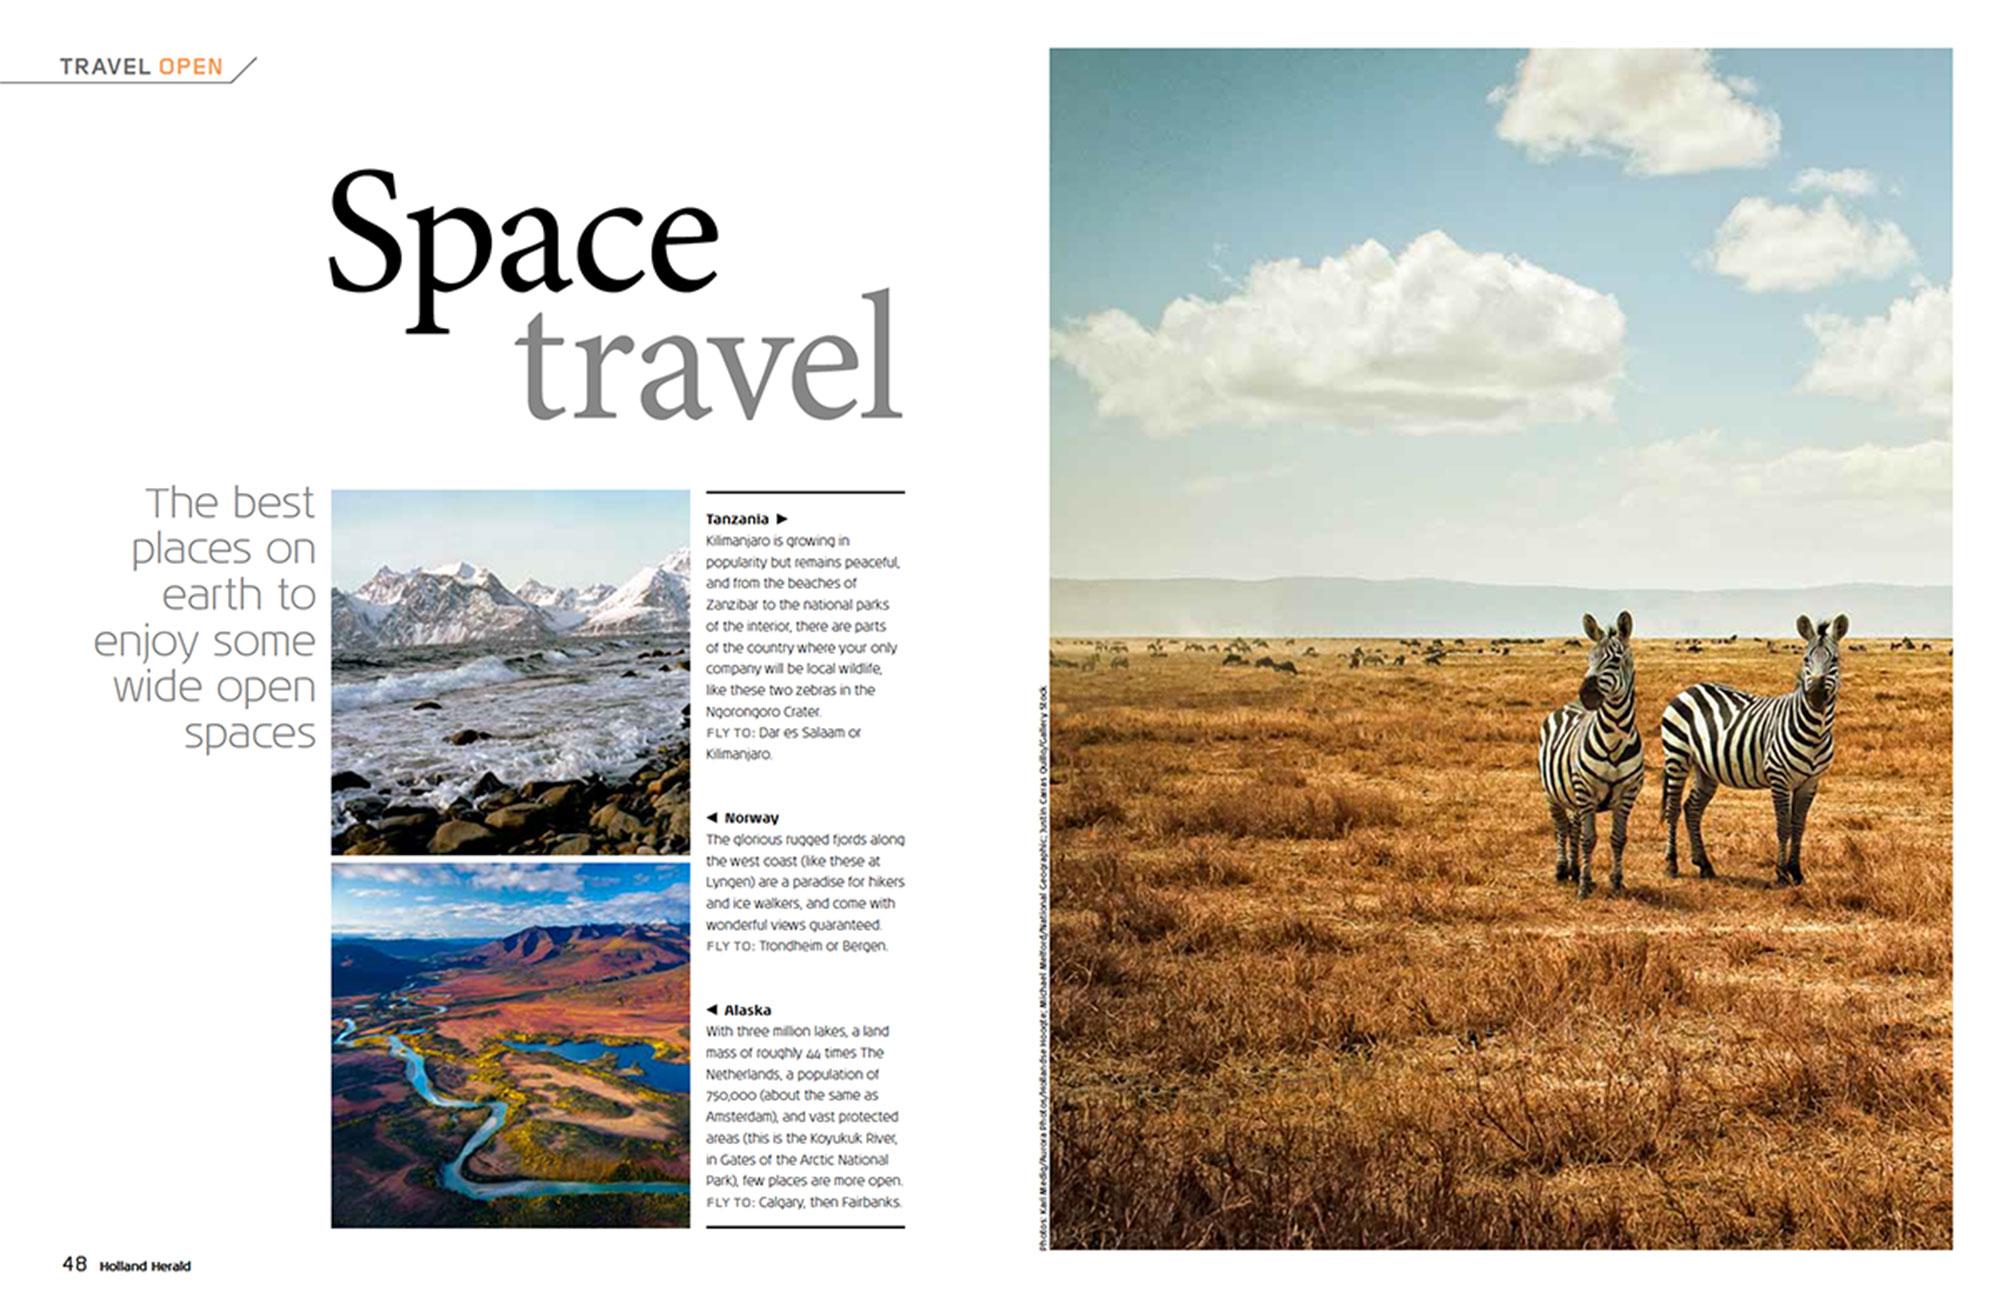 Magazine Holland Herald in opdracht van vliegmaatschappij KLM